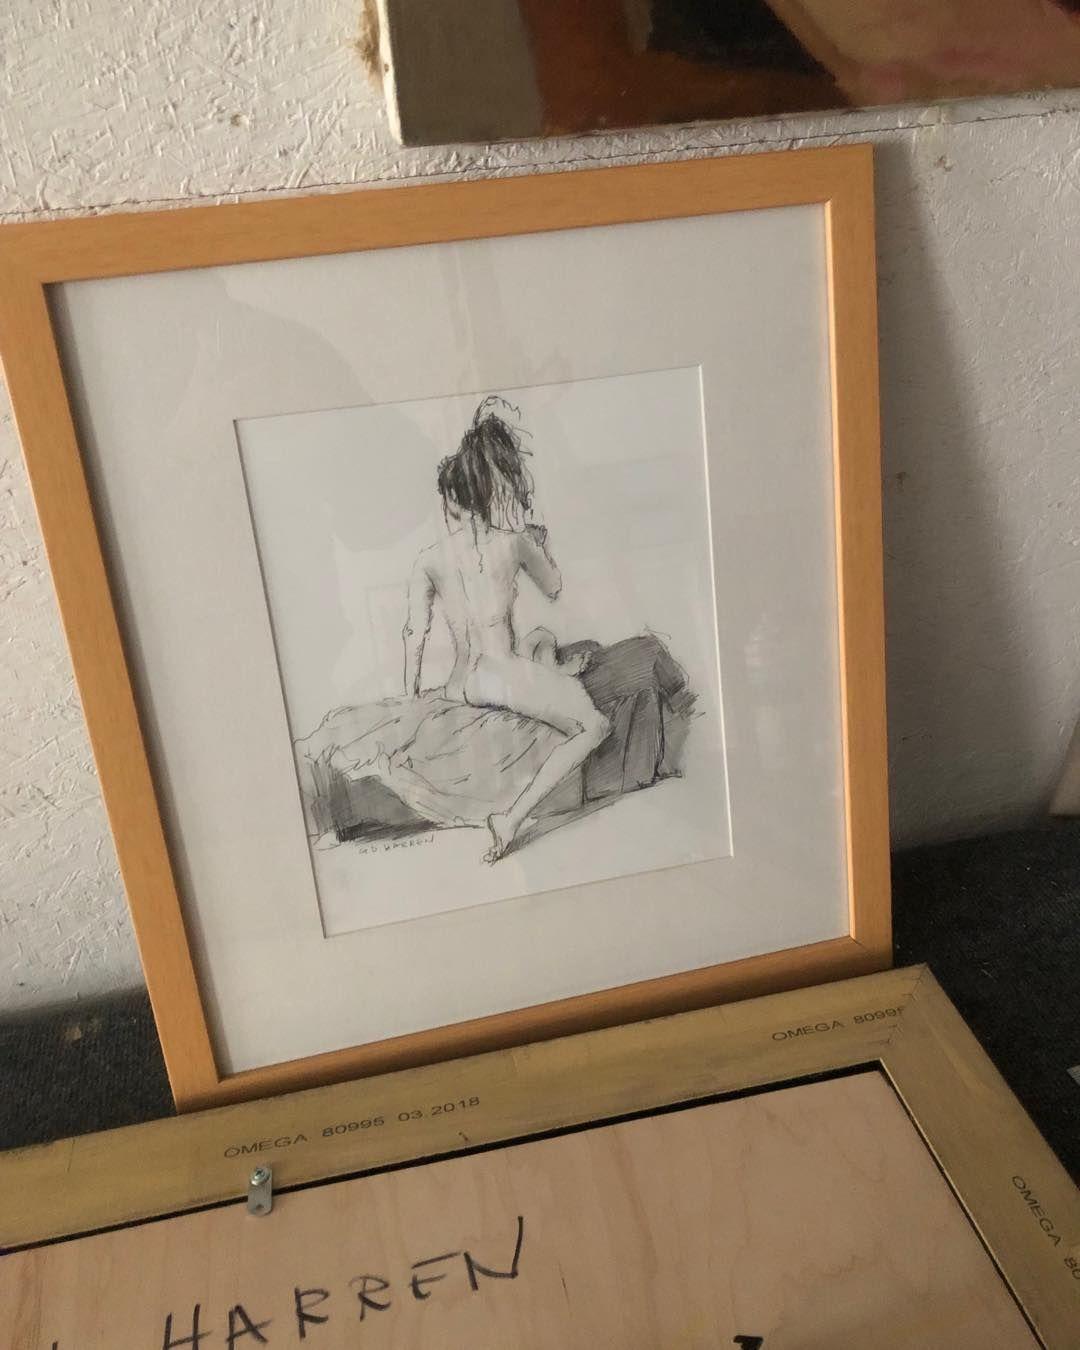 Framed pencil sketch on paper artistsofinstagram